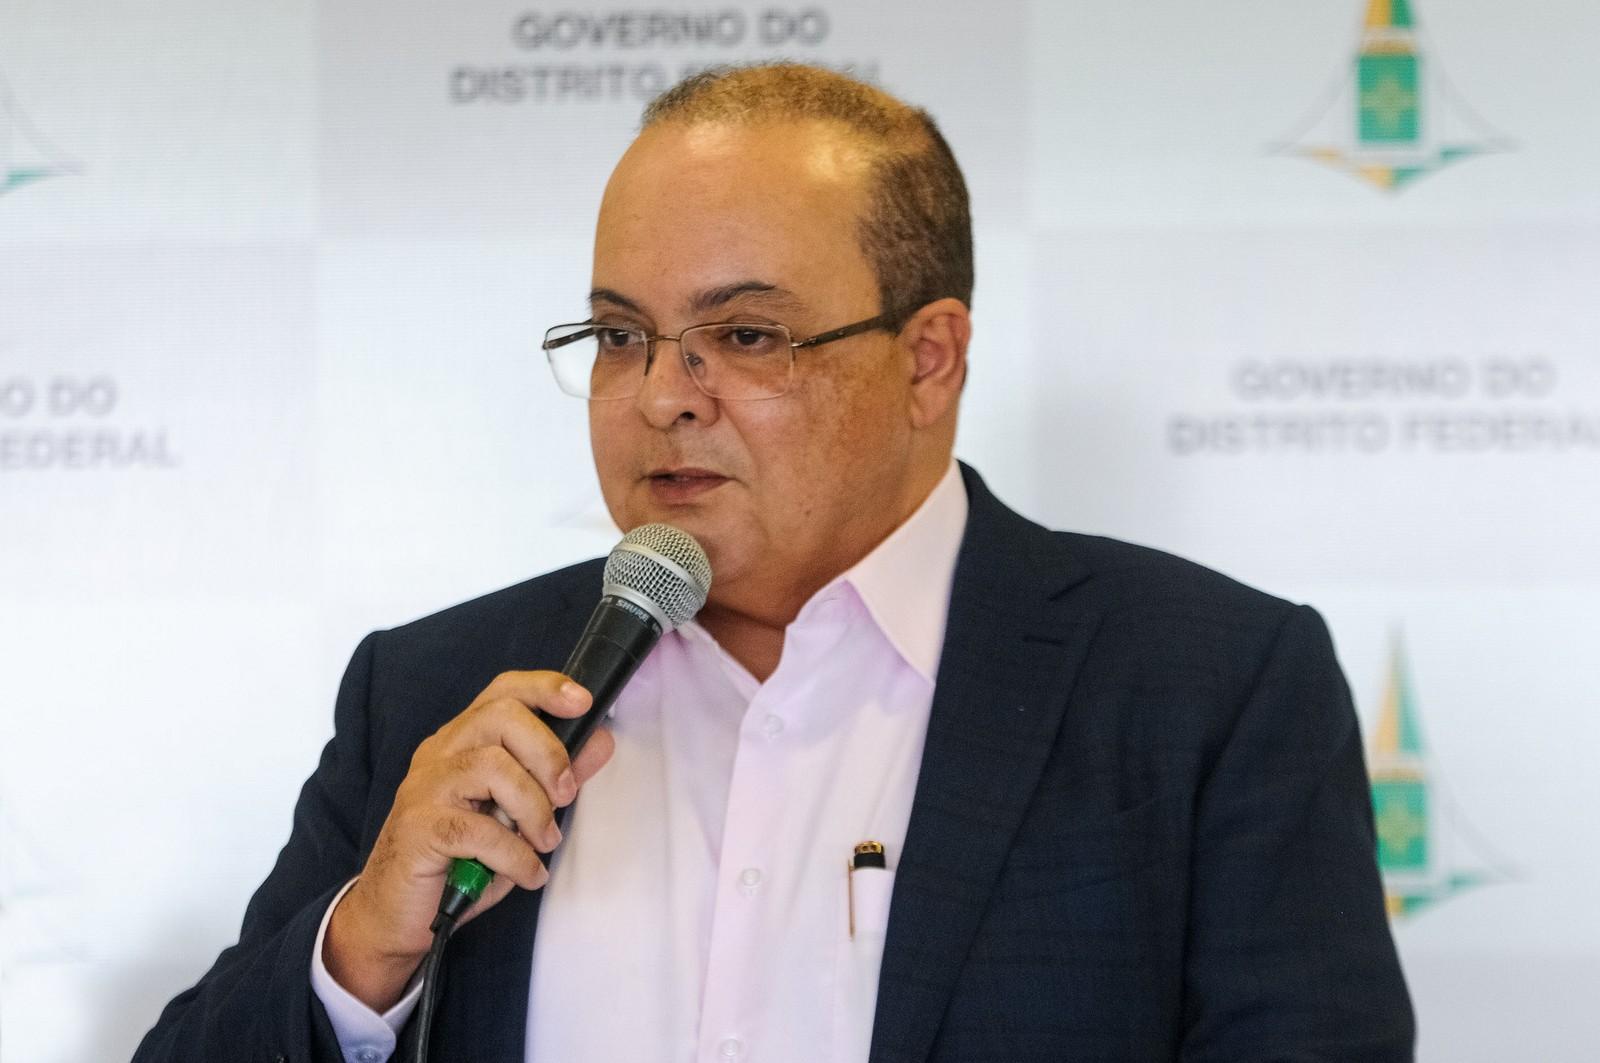 governador distrito federal ibaneis rocha radio corredor - Os primeiros 100 dias de Ibaneis